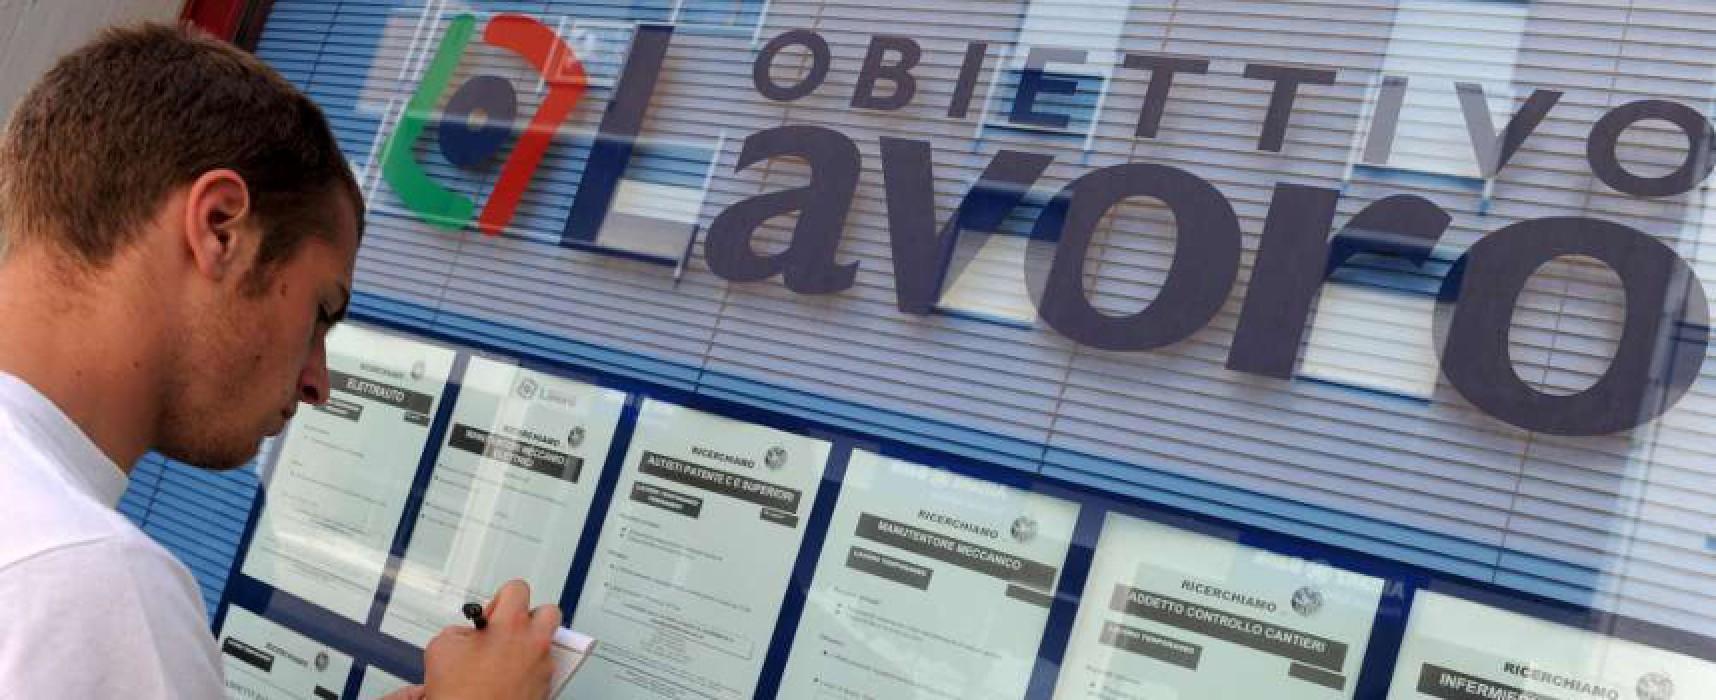 Offerte di lavoro a Bisceglie, part time e a tempo indeterminato / DETTAGLI